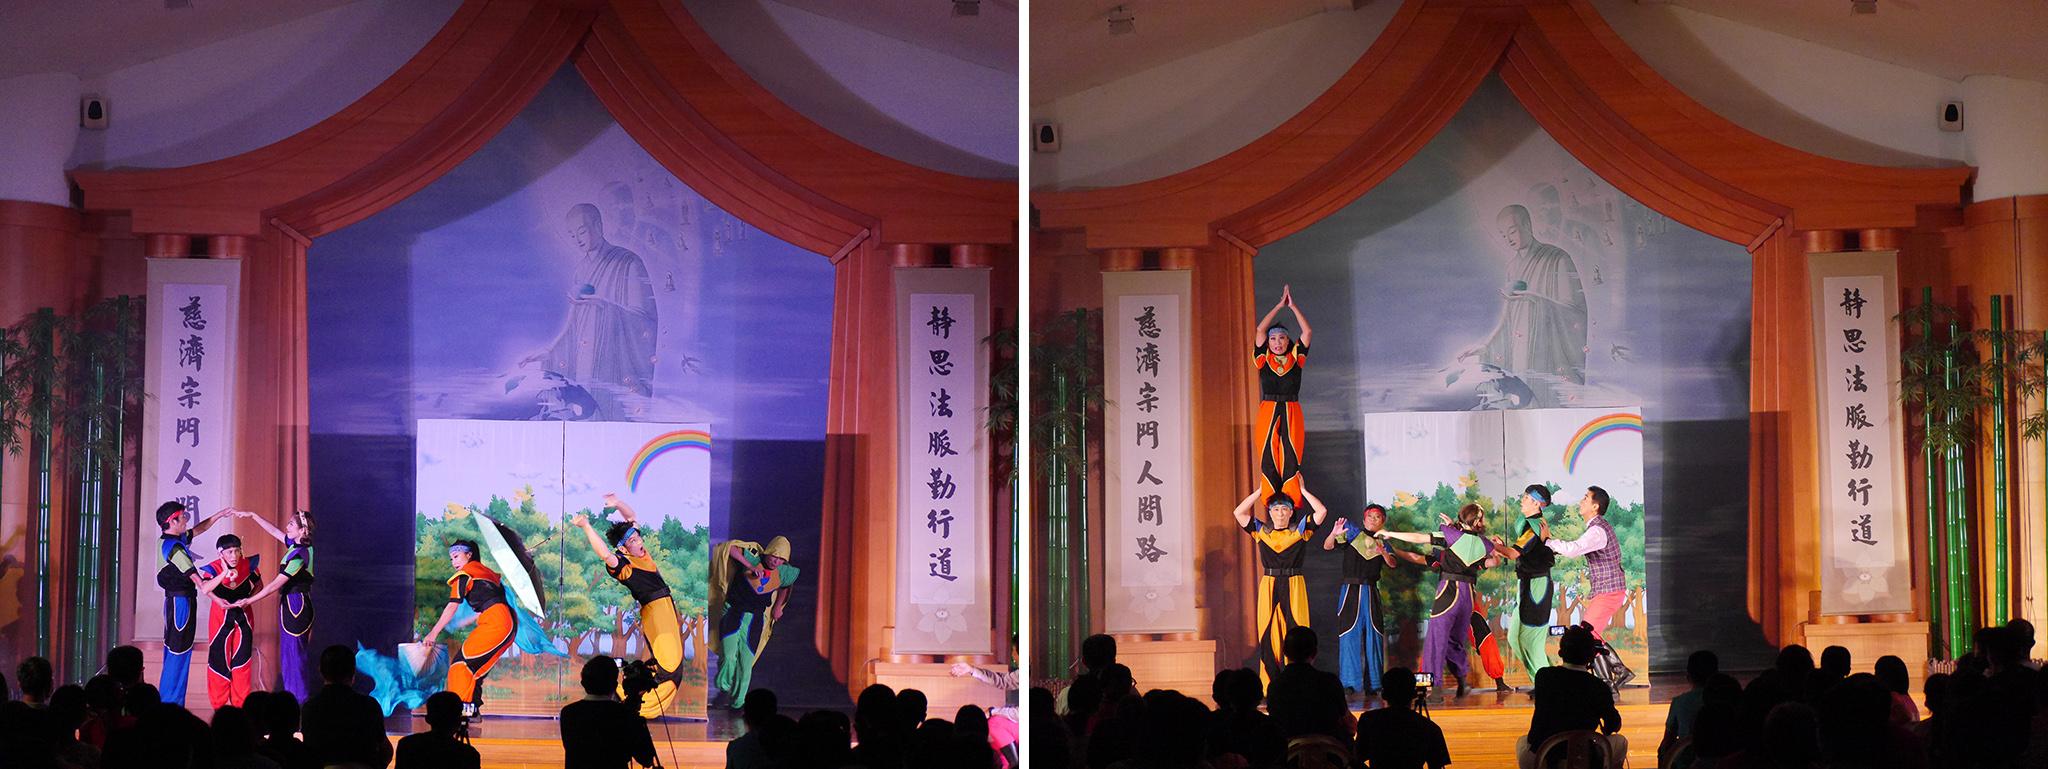 紙風車劇團帶來「福爾摩沙我的家」,參與式互動劇。